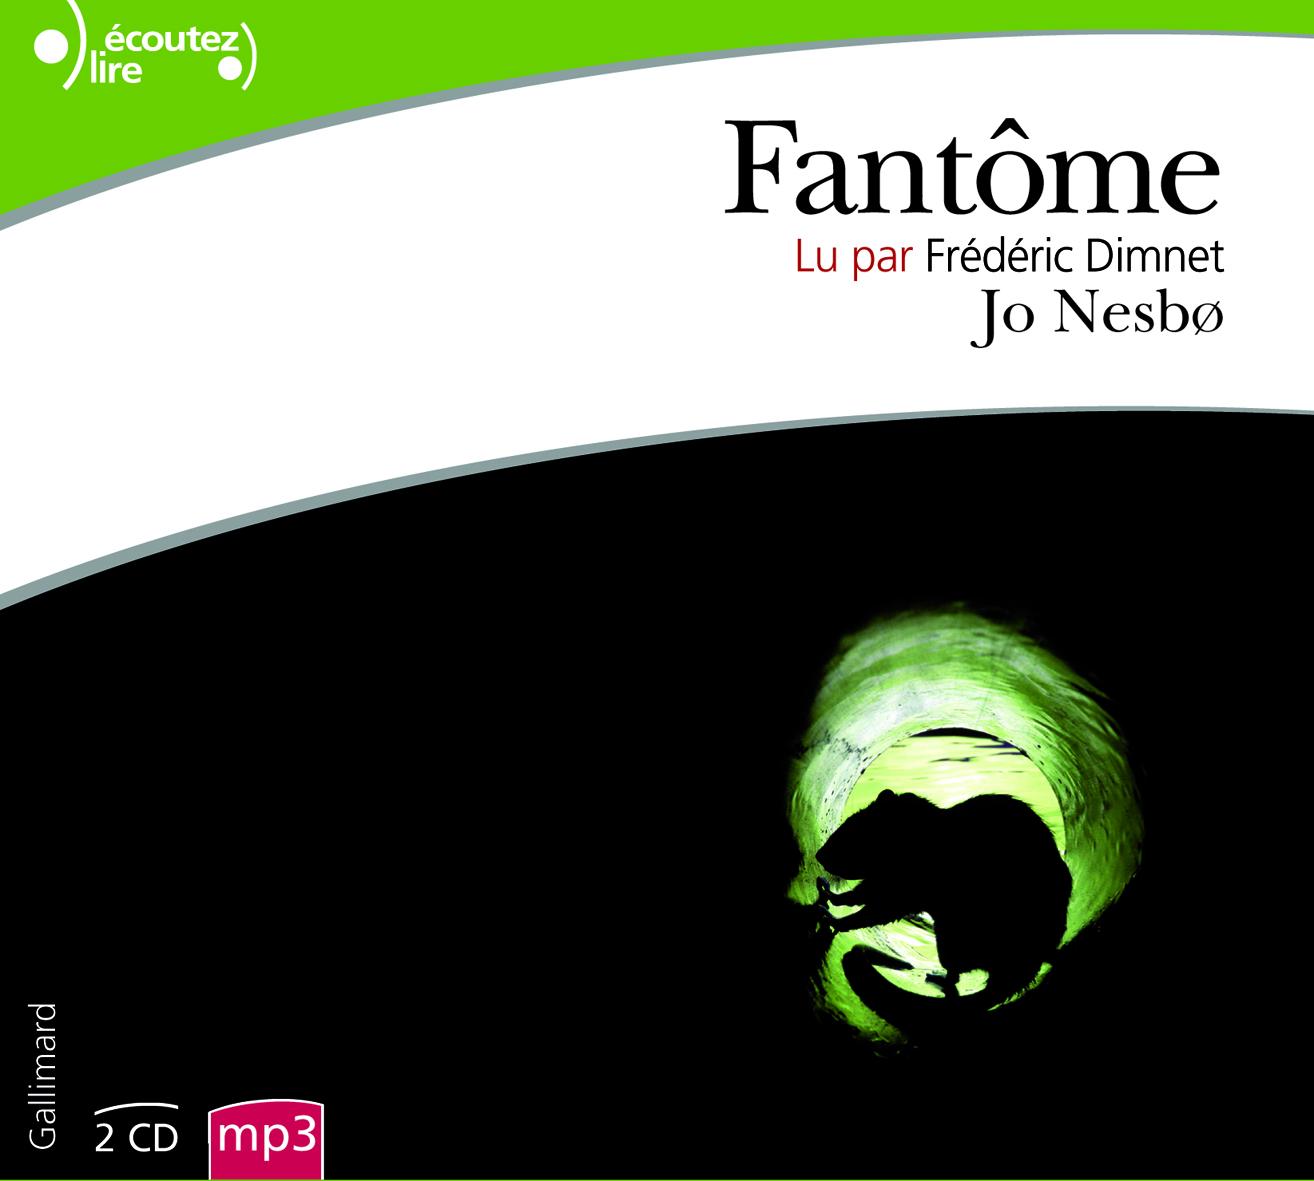 FANTOME CD